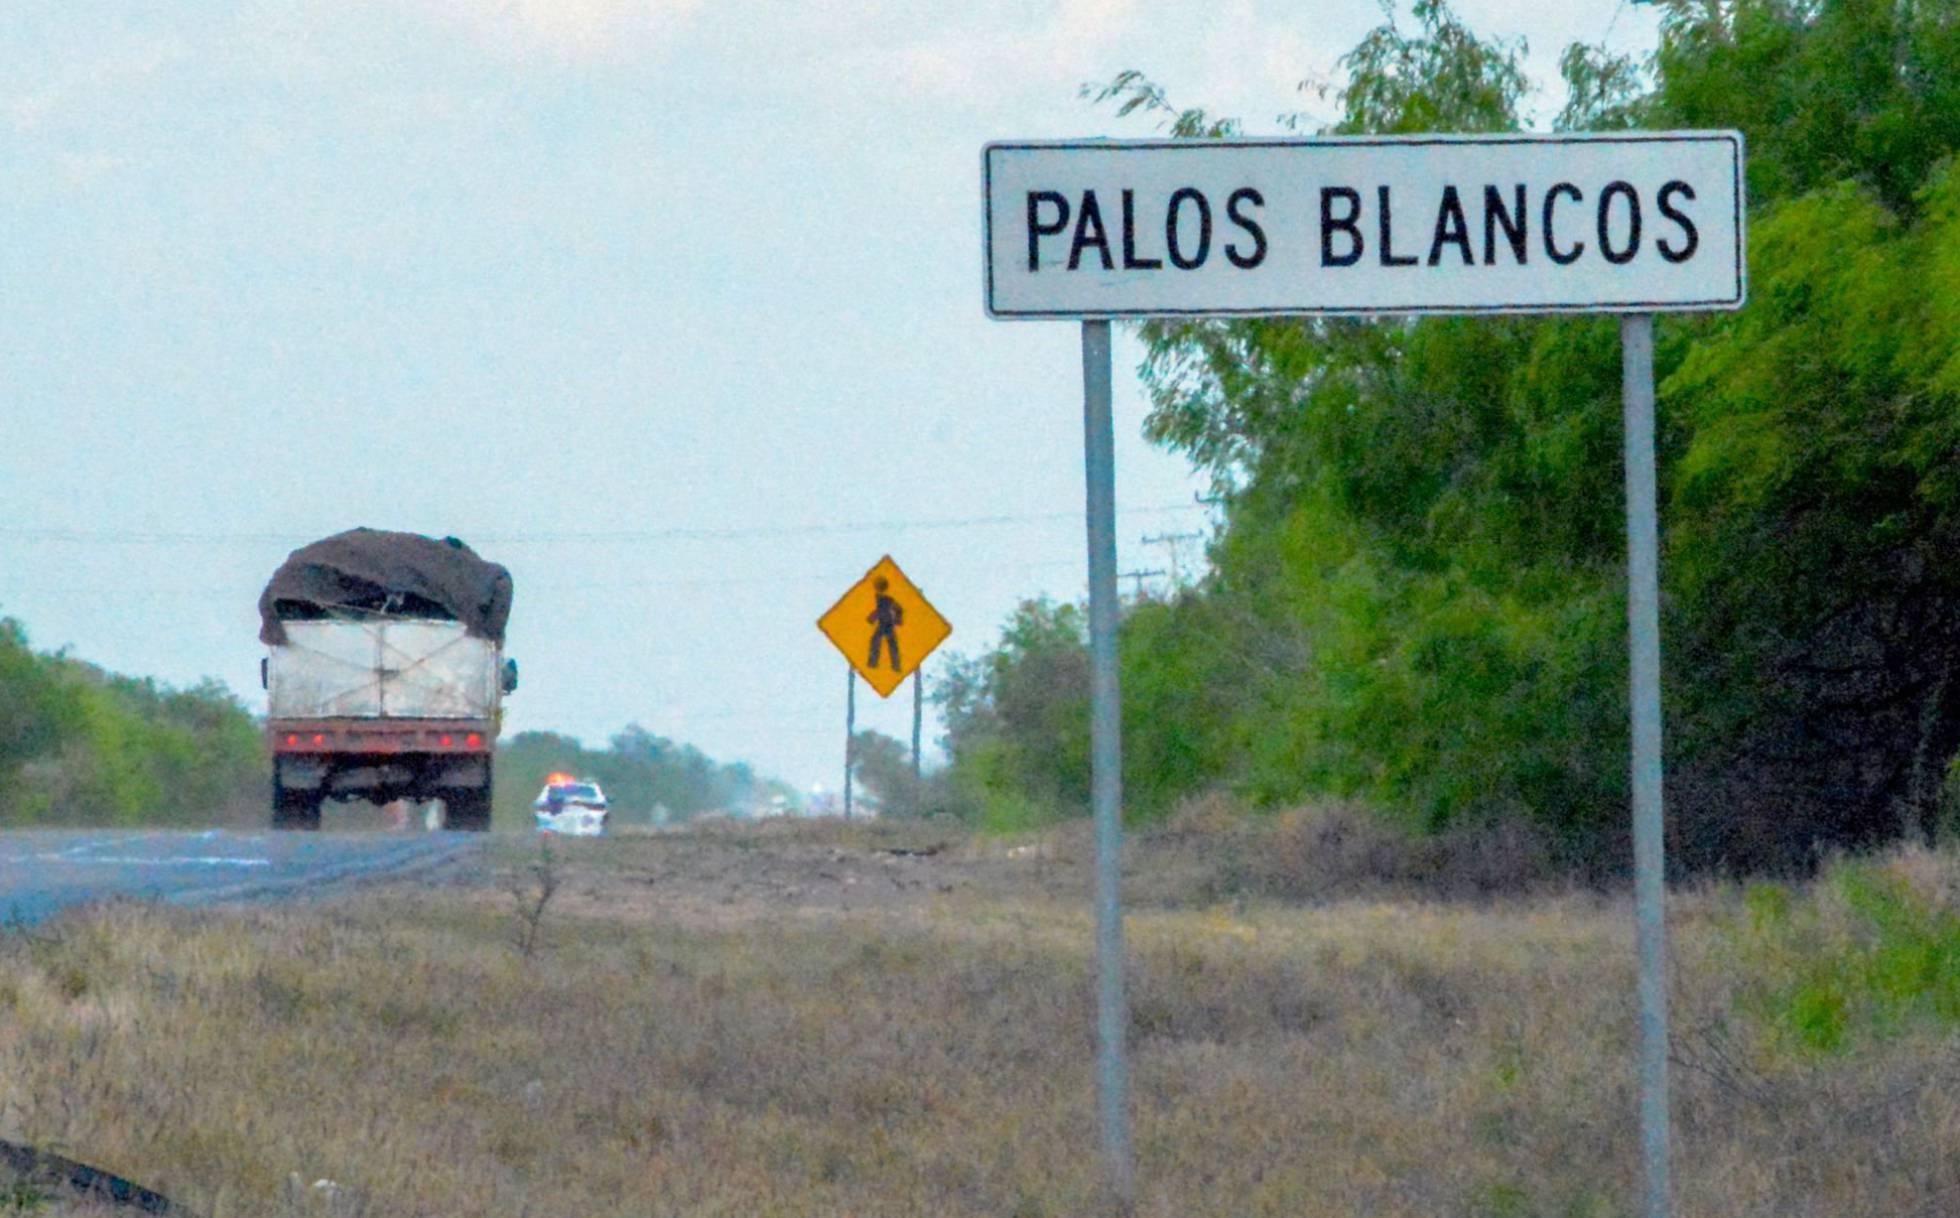 La desaparición de más de 40 migrantes en México ilustra la impunidad del crimen en el país (Tamaulipas)